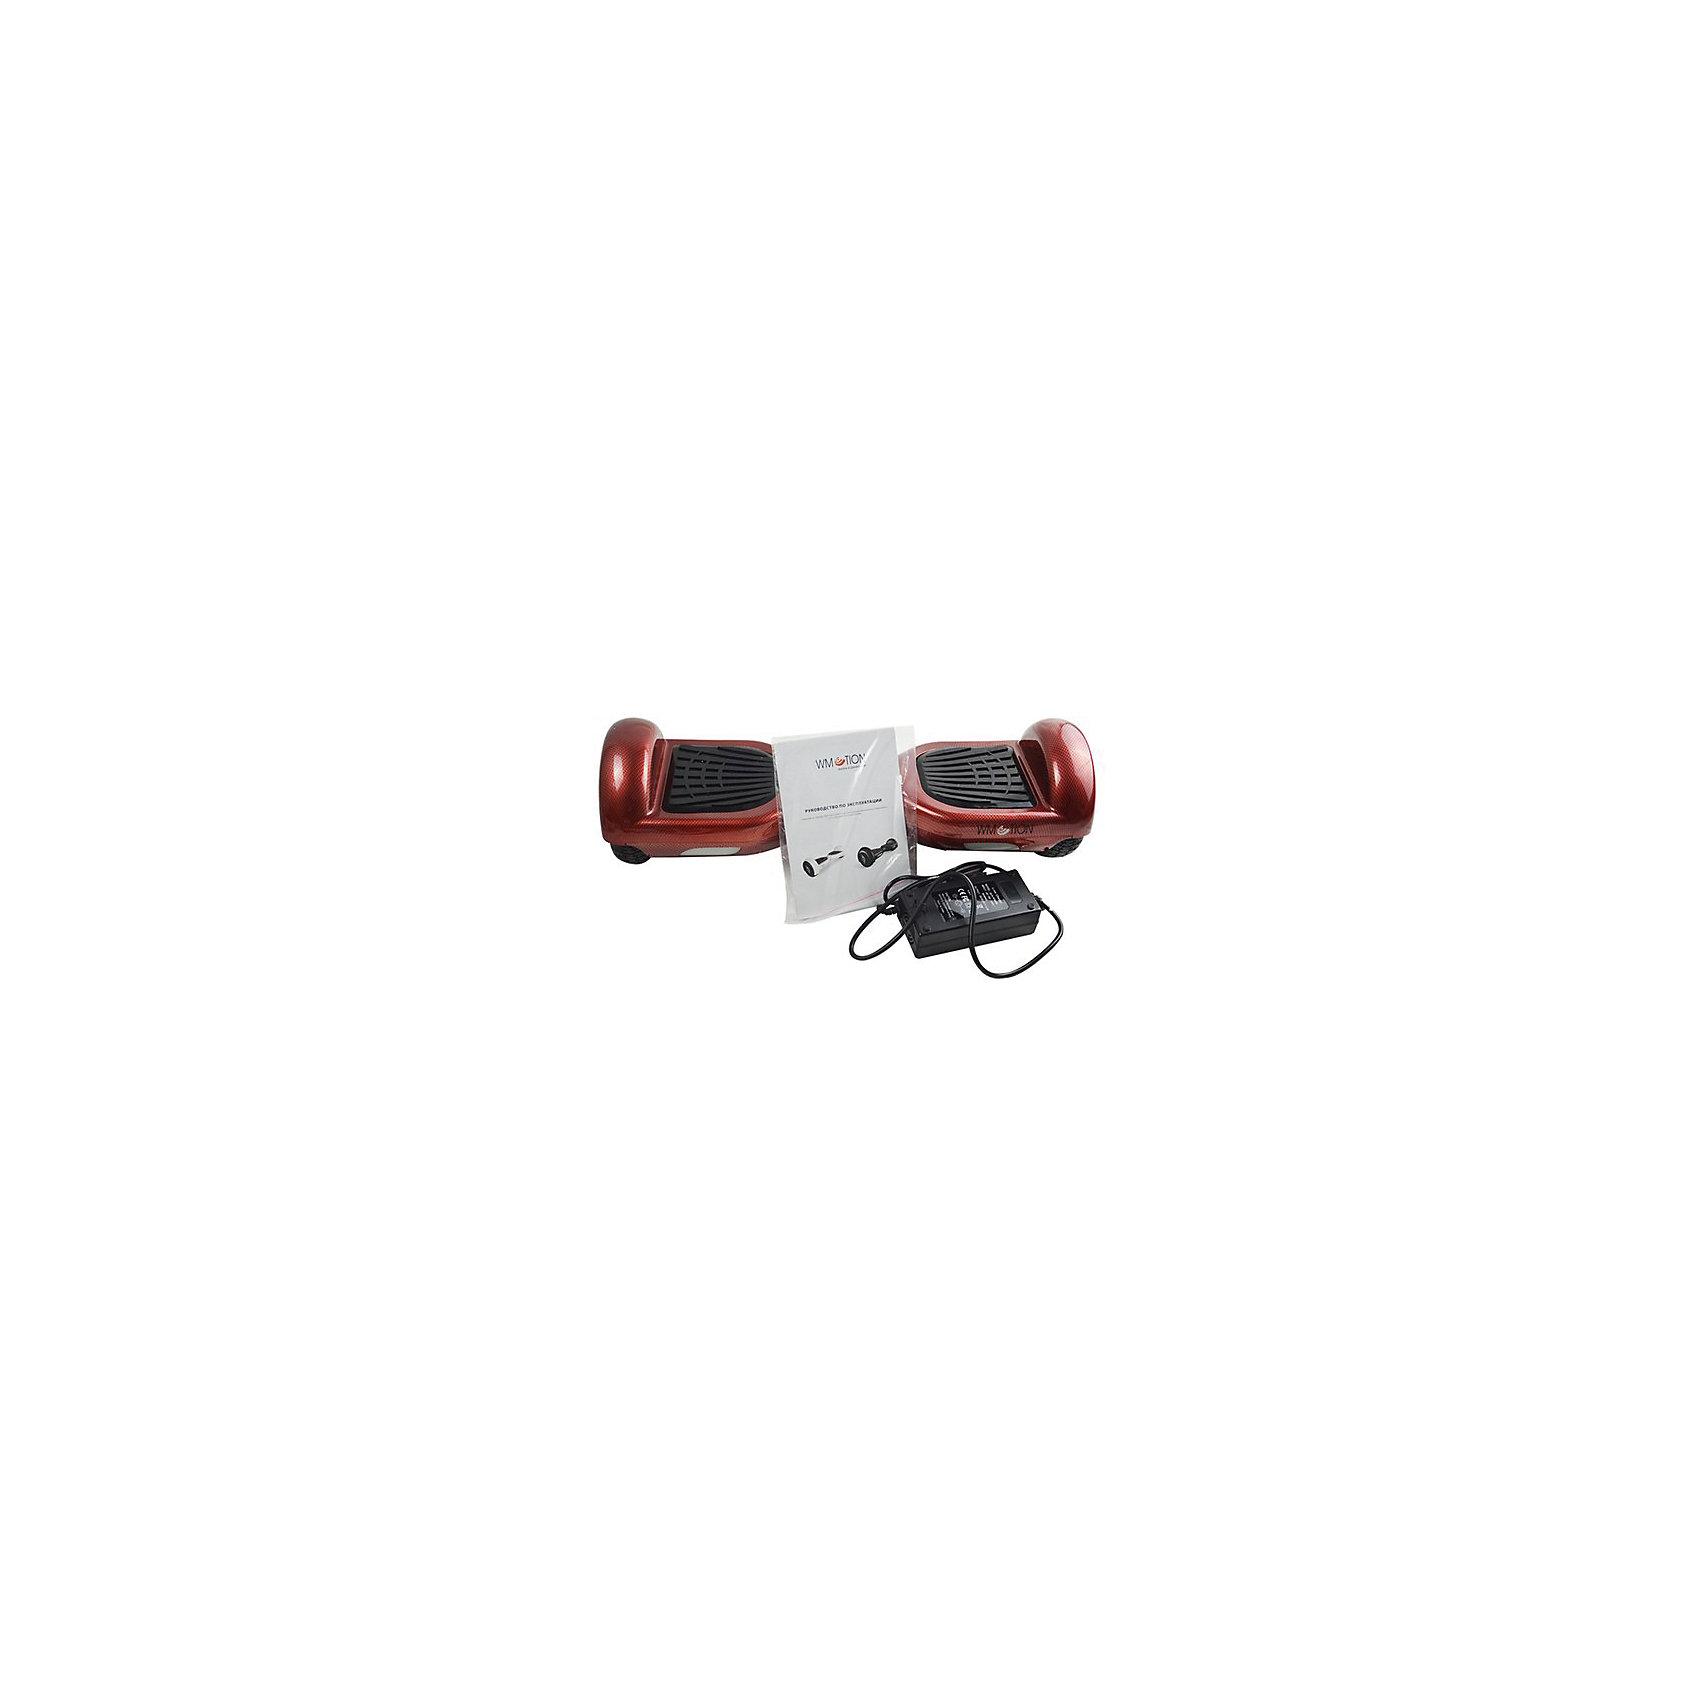 Гироскутер, красный карбон, WMOTIONГироскутеры<br>Характеристики товара:<br><br>• материал: пластик, металл<br>• размер: 16х58х17 см<br>• комплектация: гироскутер, зарядка, сумка, инструкция по эксплуатации, гарантийный талон, коробка<br>• цвет: красный карбон<br>• диаметр колёс: 6,5 дюймов<br>• максимальная нагрузка: 100 кг<br>• максимальная скорость – 10 км/ч <br>• максимальное расстояние, которое можно проехать на одном заряде: 20 км <br>• мощность электродвигателя: 0.35 кВт<br>• ёмкость аккумулятора: 4 400 мАч<br>• время, необходимое для полной зарядки аккумулятора: 90 мин<br>• стильный дизайн<br>• вес: 10 кг<br>• страна производитель: Китай<br>• страна бренда: Китай<br><br>Один из самых модных на настоящий моментов вид передвижения - это гироскутер. Он эффектно выглядит, позволяет ехать со скоростью выше, чем у пешеходов, но при этом достаточно безопасной для владельца. Управлять таким средством передвижения достаточно просто: нужно всего лишь переносить вес тела в определенное направление.<br><br>Такой гироскутер достаточно быстро заряжается, он не много весит. Модель уже пользуется популярностью в западных странах. Она действительно стильно выглядит, особенно в темноте с подсветкой, и позволяет выполнять эффектные трюки!<br><br>Гироскутер, красный карбон, от популярного бренда WMOTION можно купить в нашем интернет-магазине.<br><br>Ширина мм: 170<br>Глубина мм: 170<br>Высота мм: 580<br>Вес г: 10000<br>Возраст от месяцев: 60<br>Возраст до месяцев: 192<br>Пол: Унисекс<br>Возраст: Детский<br>SKU: 5482378